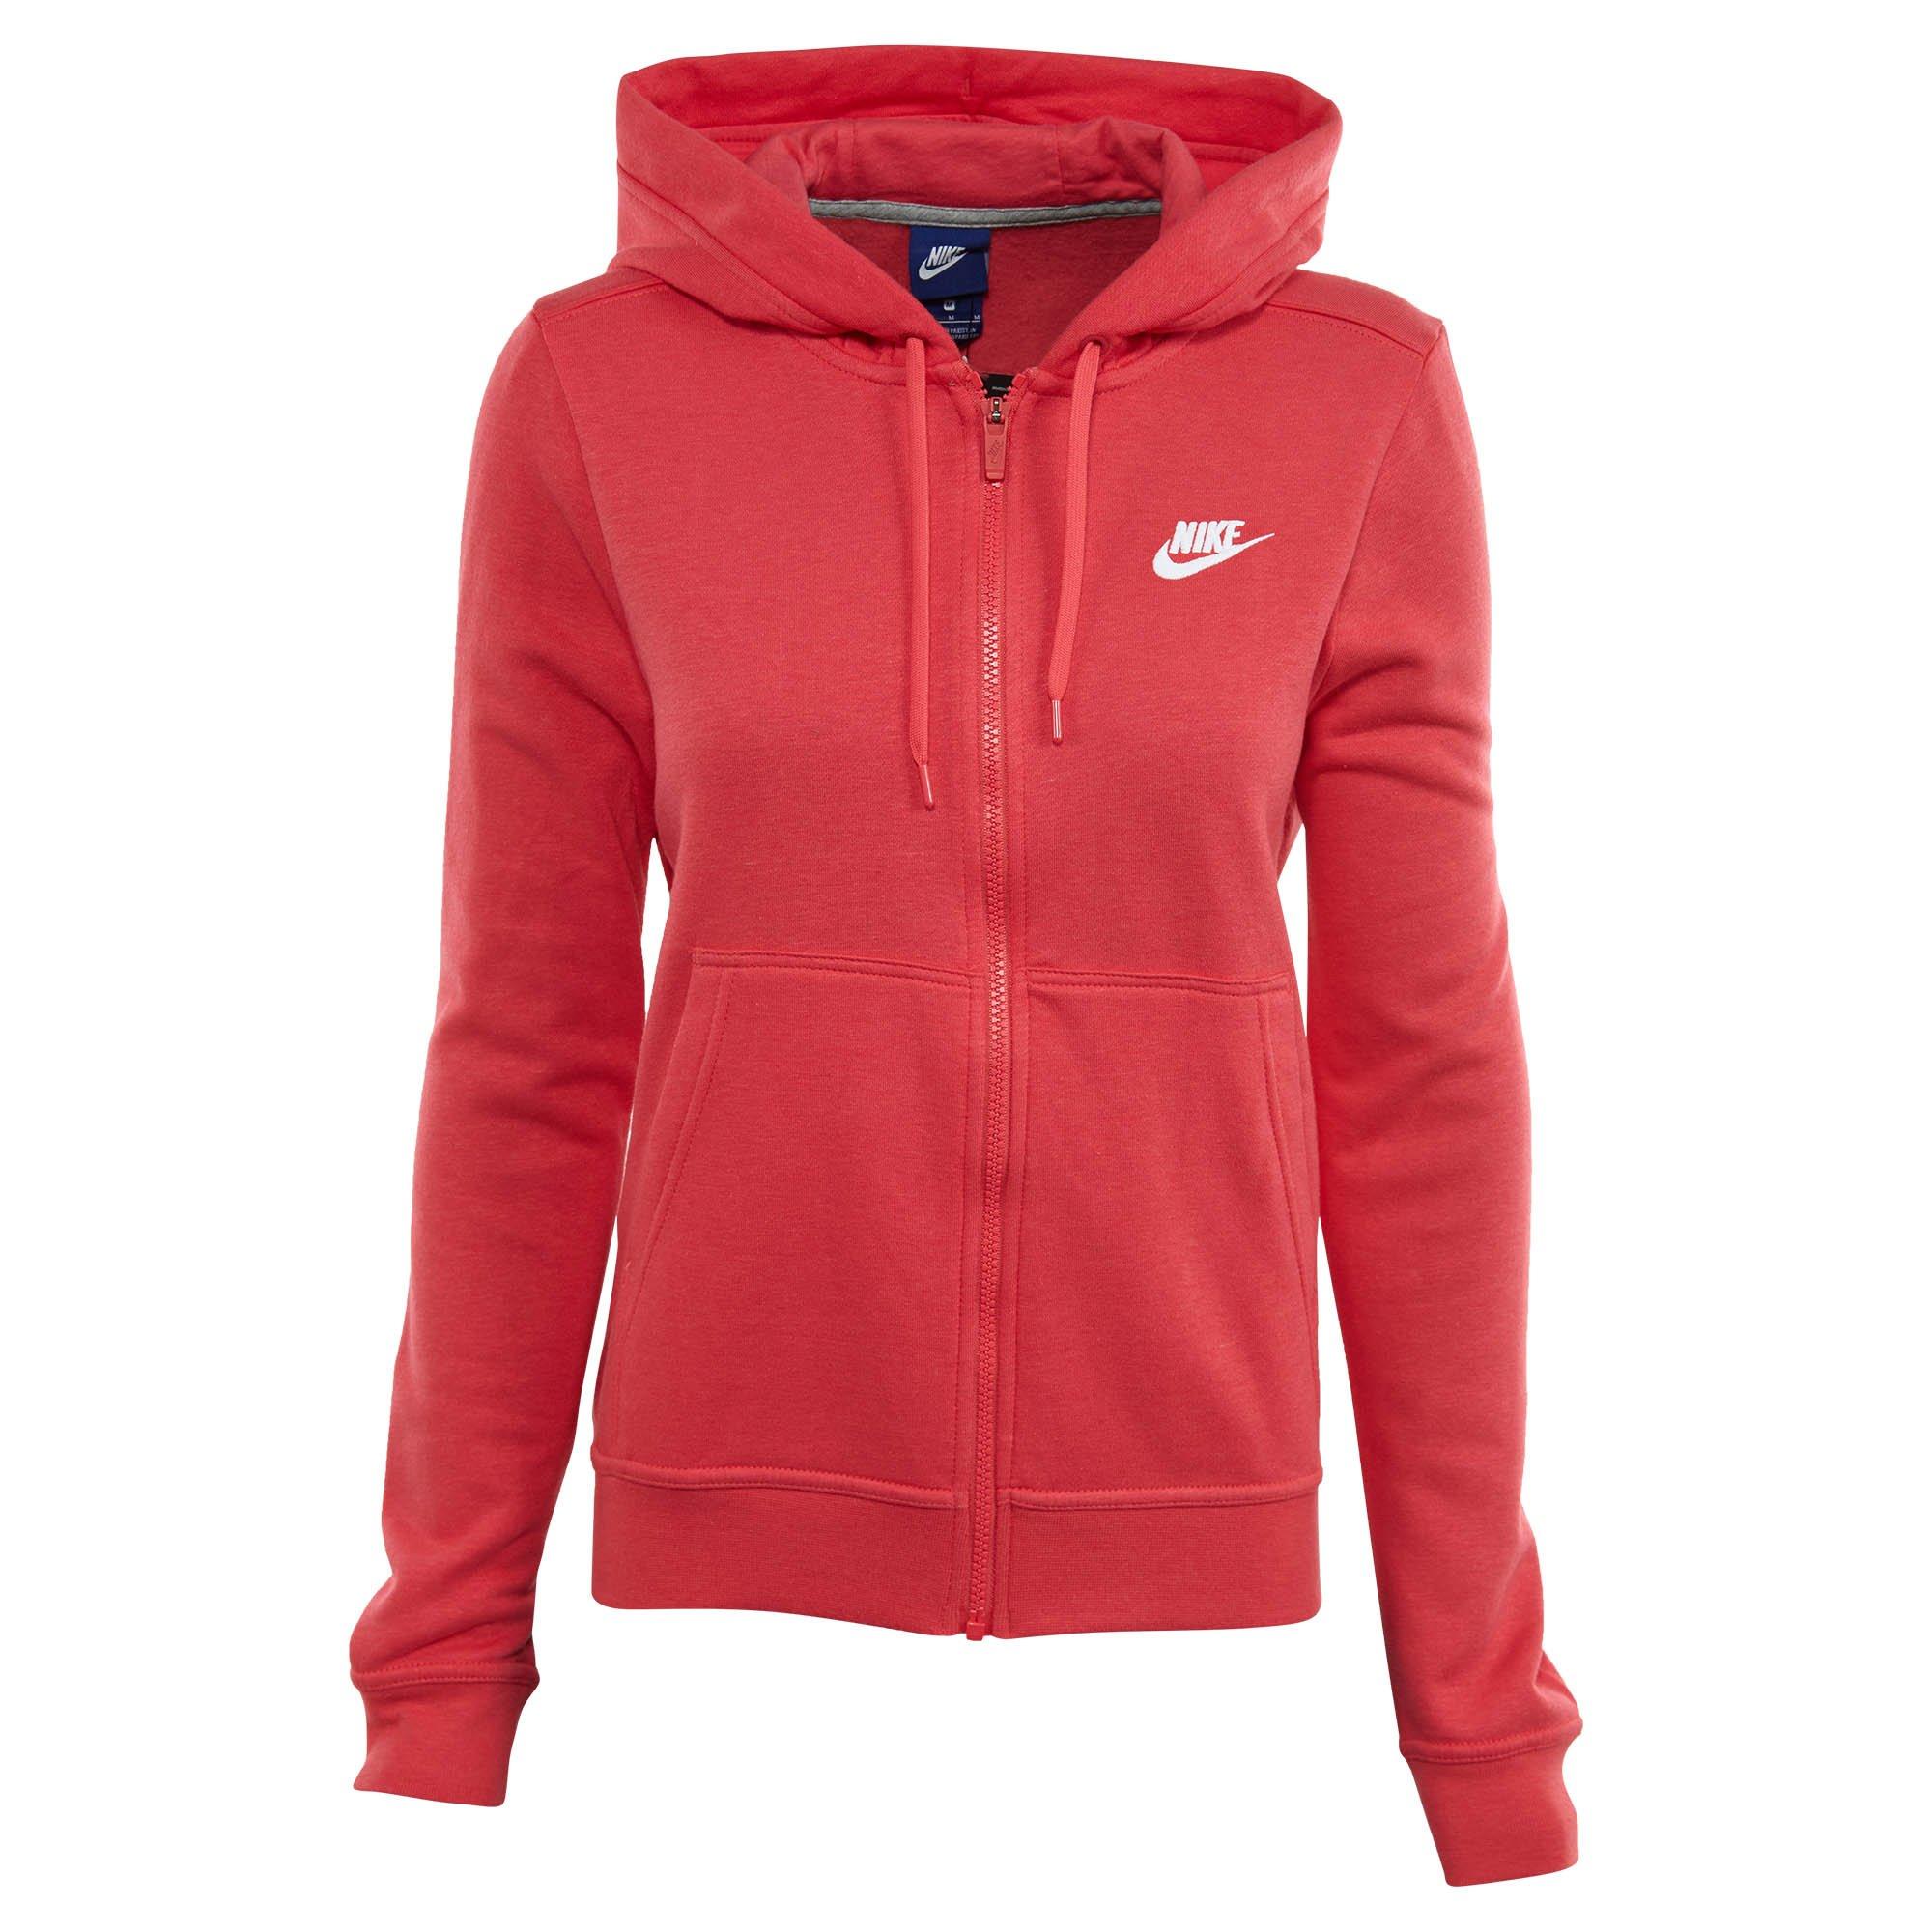 Nike Sportswear Full Zip Hoodie Womens Style: 853930-645 Size: XS